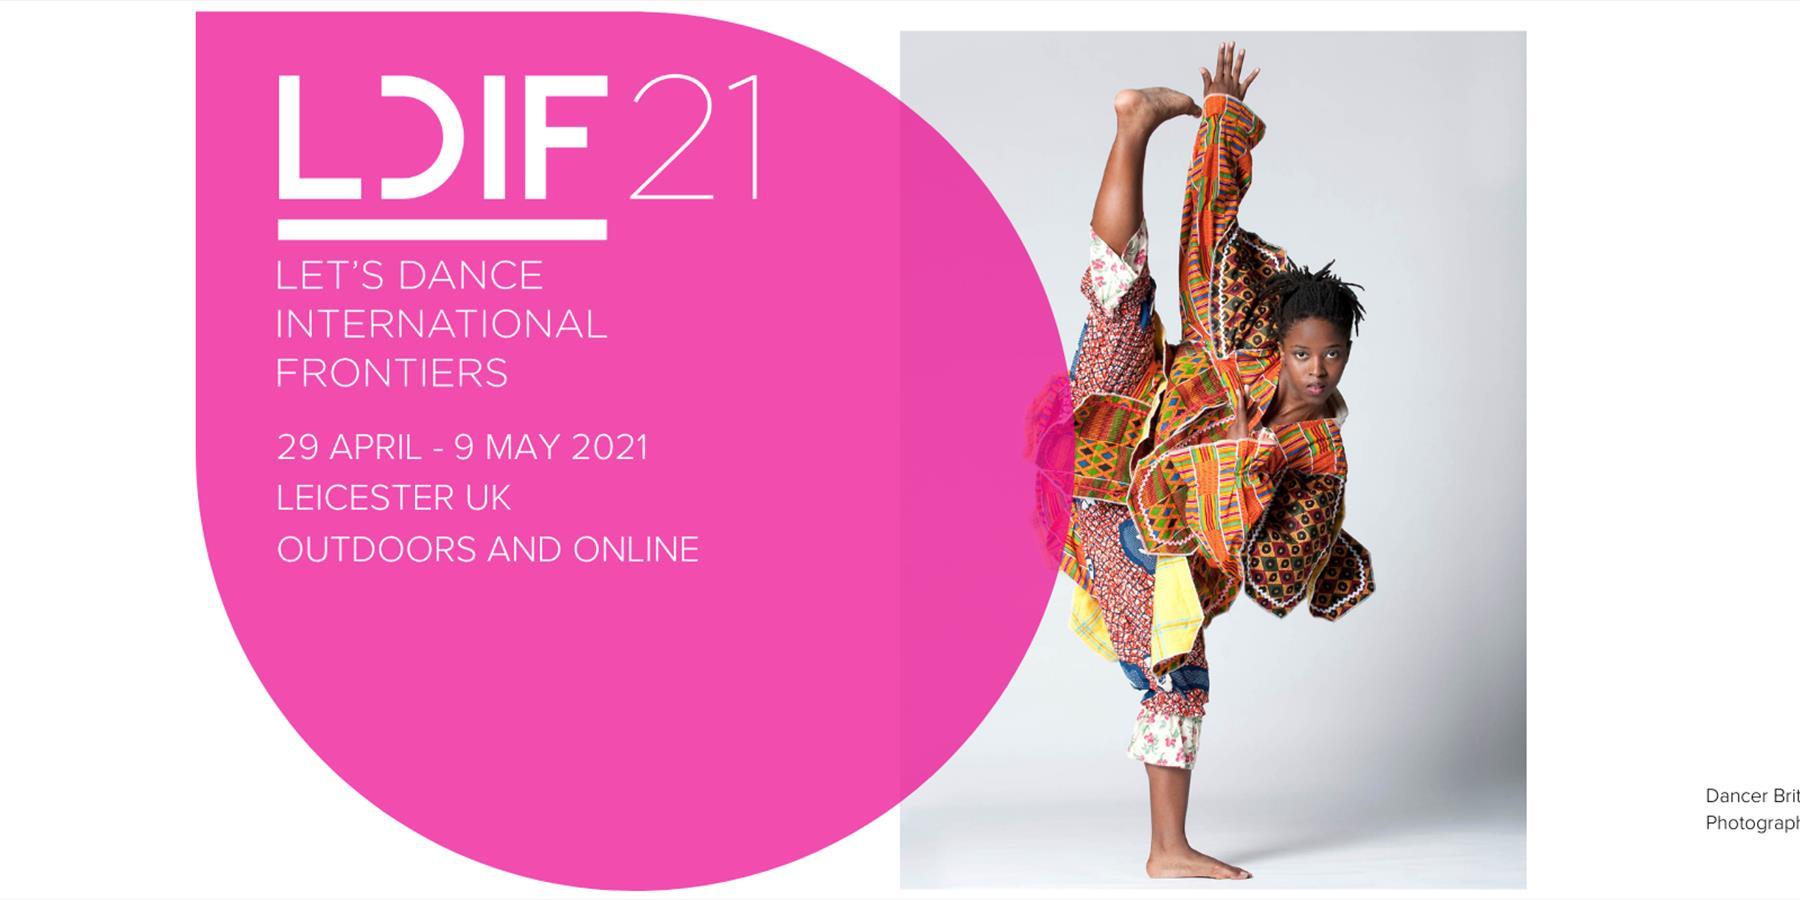 Let's Dance International Frontiers 2021